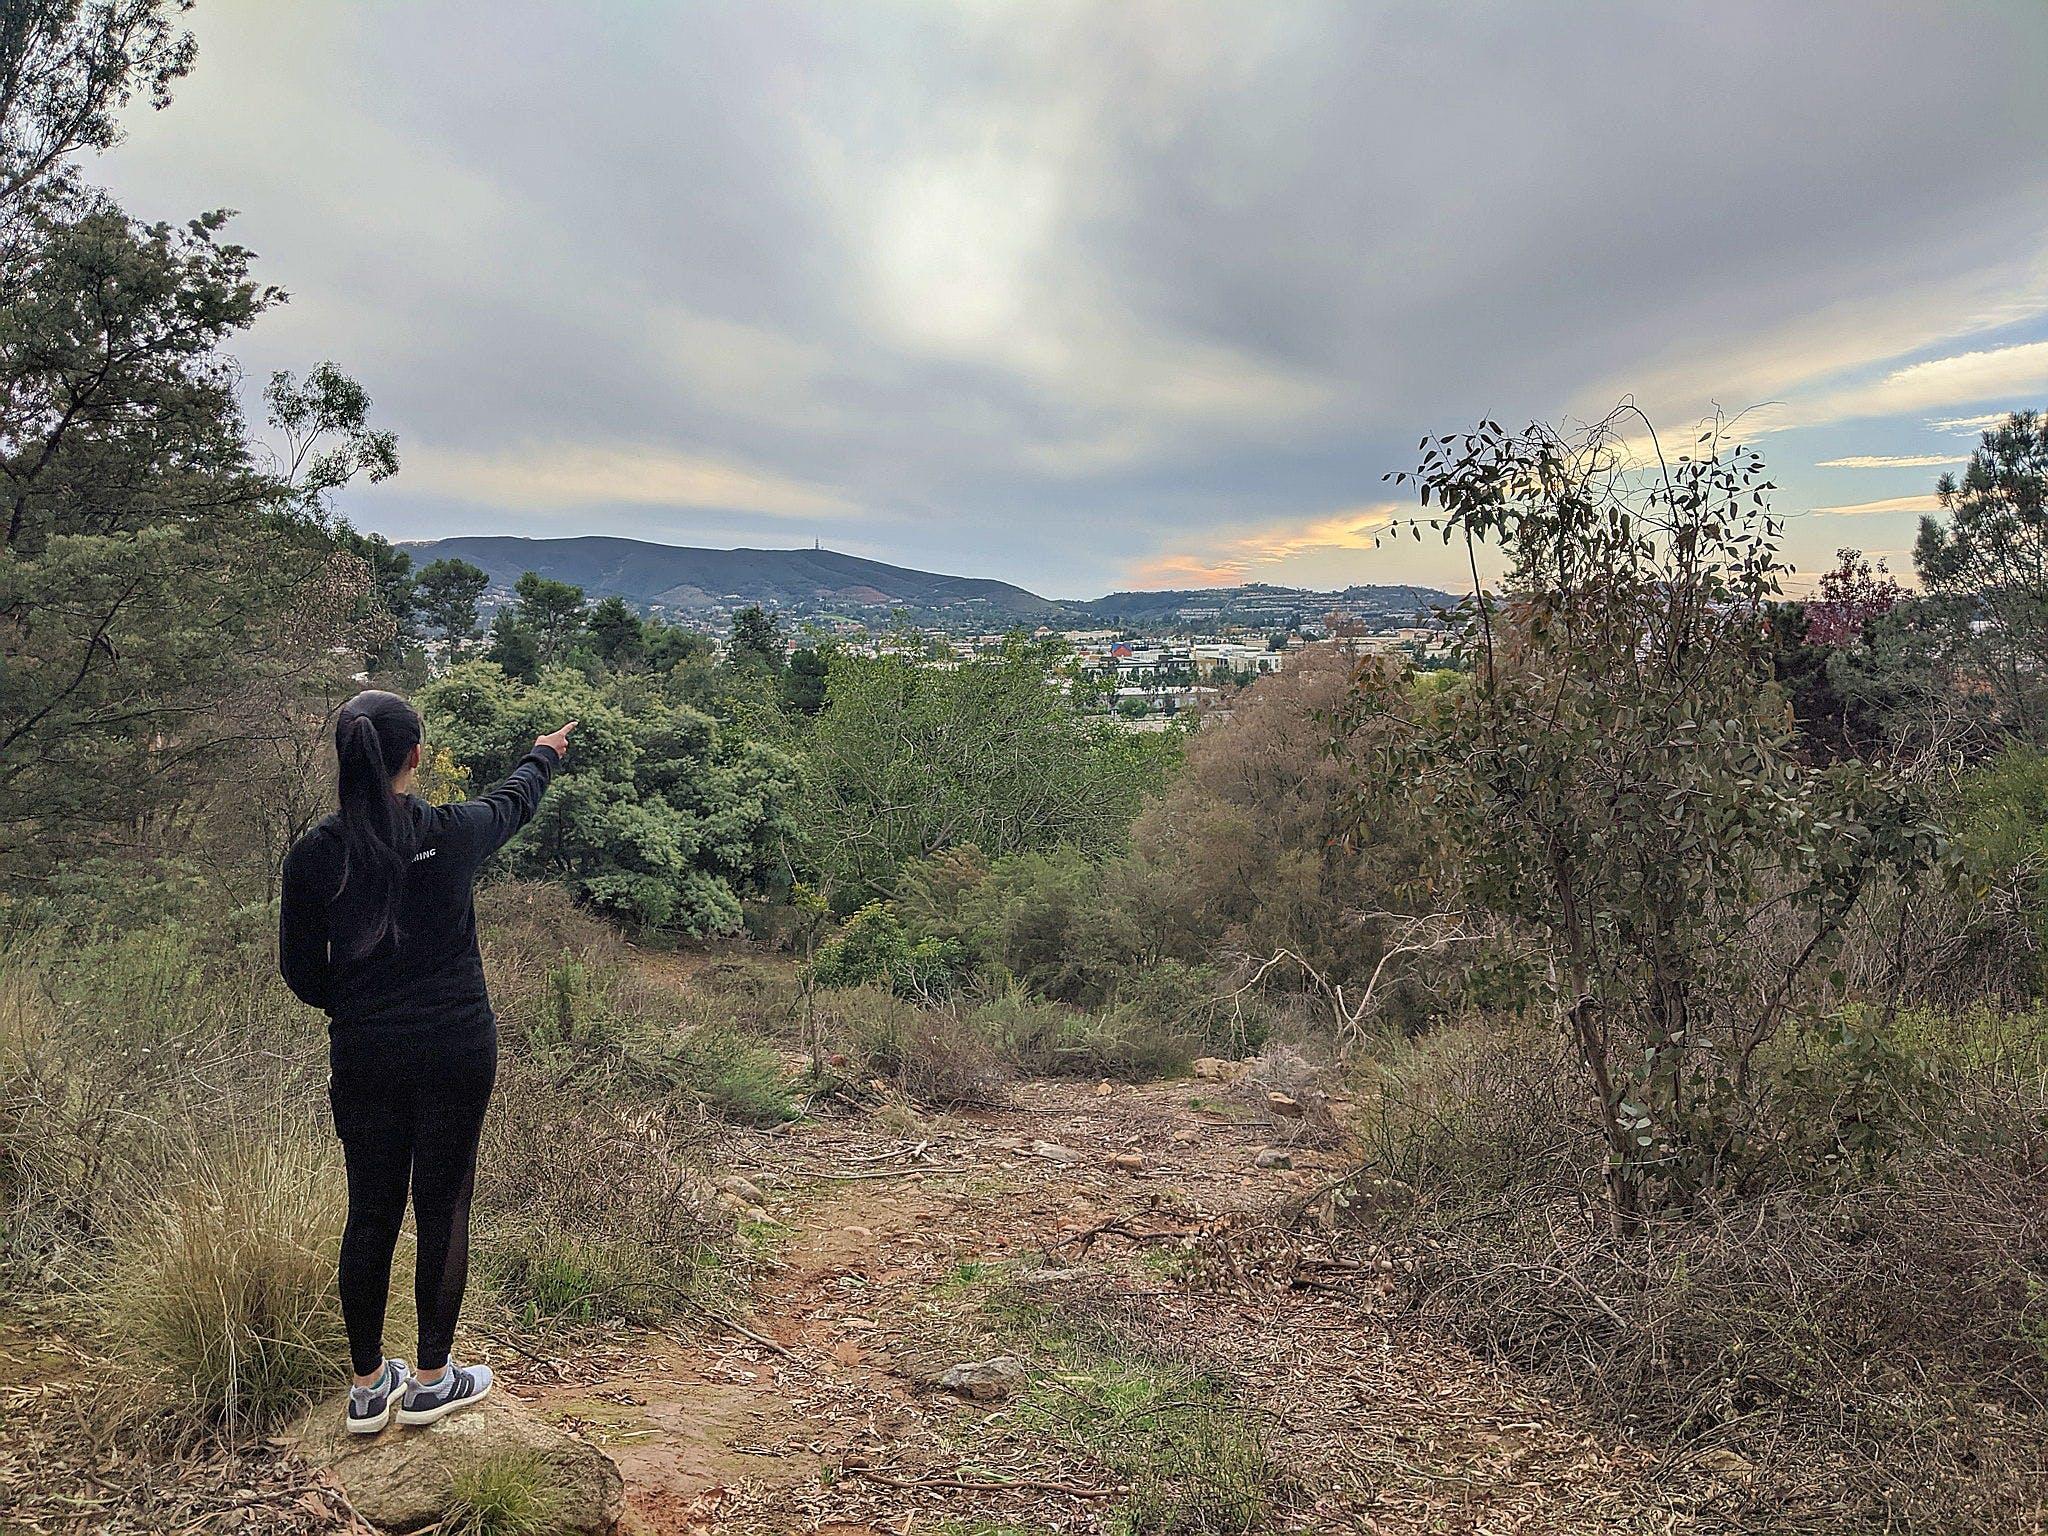 Hike Palomar Arboretum